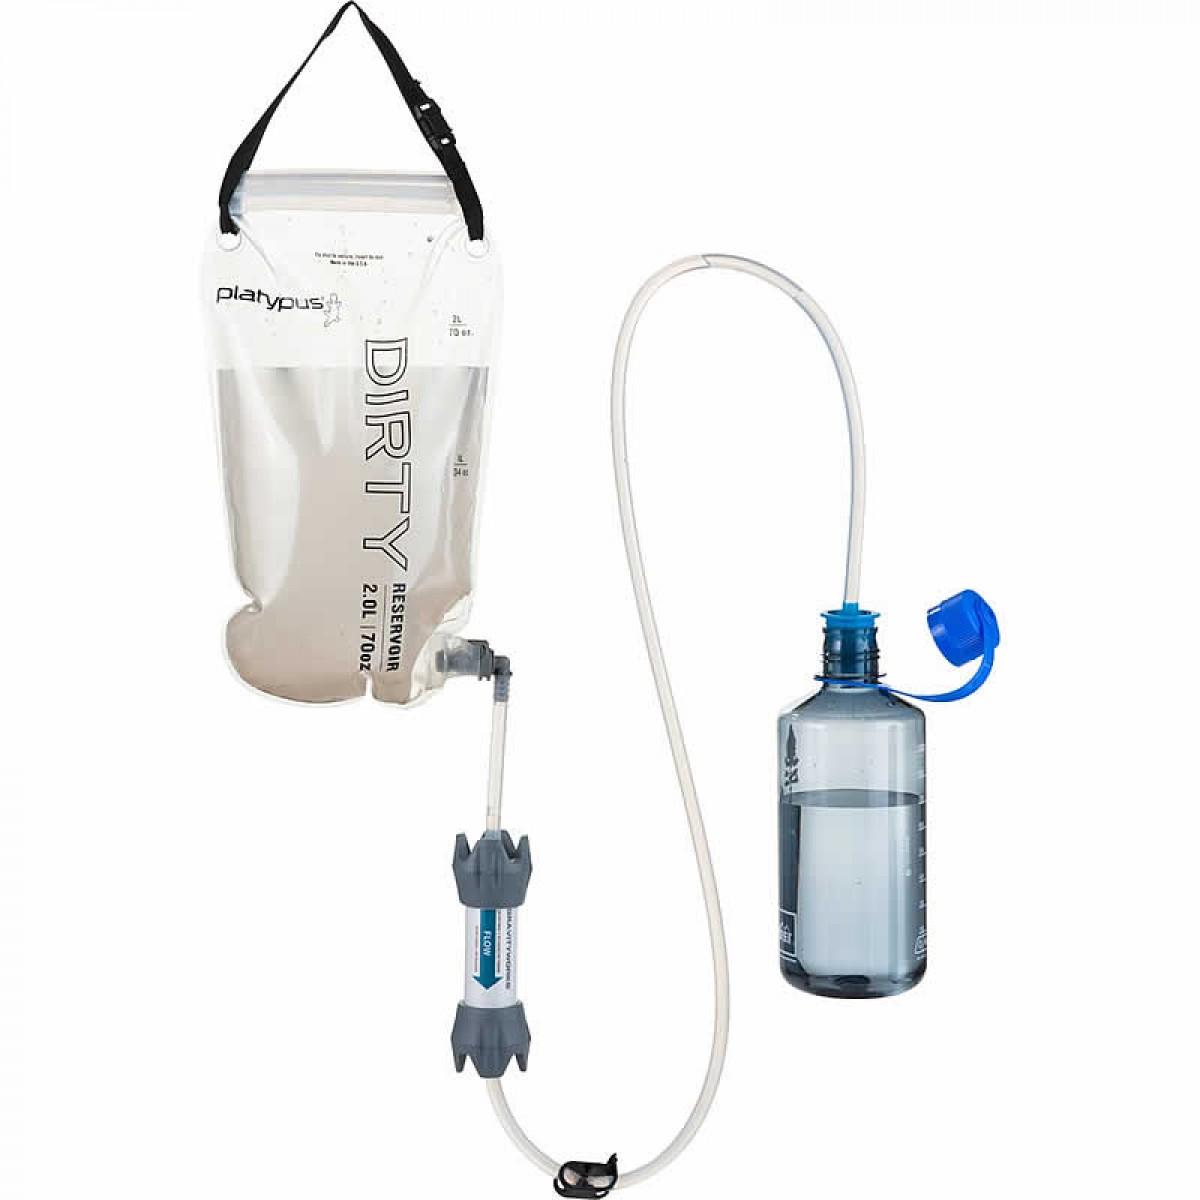 Sistemi per il filtraggio e la depurazione dell'acqua portatile per borraccia